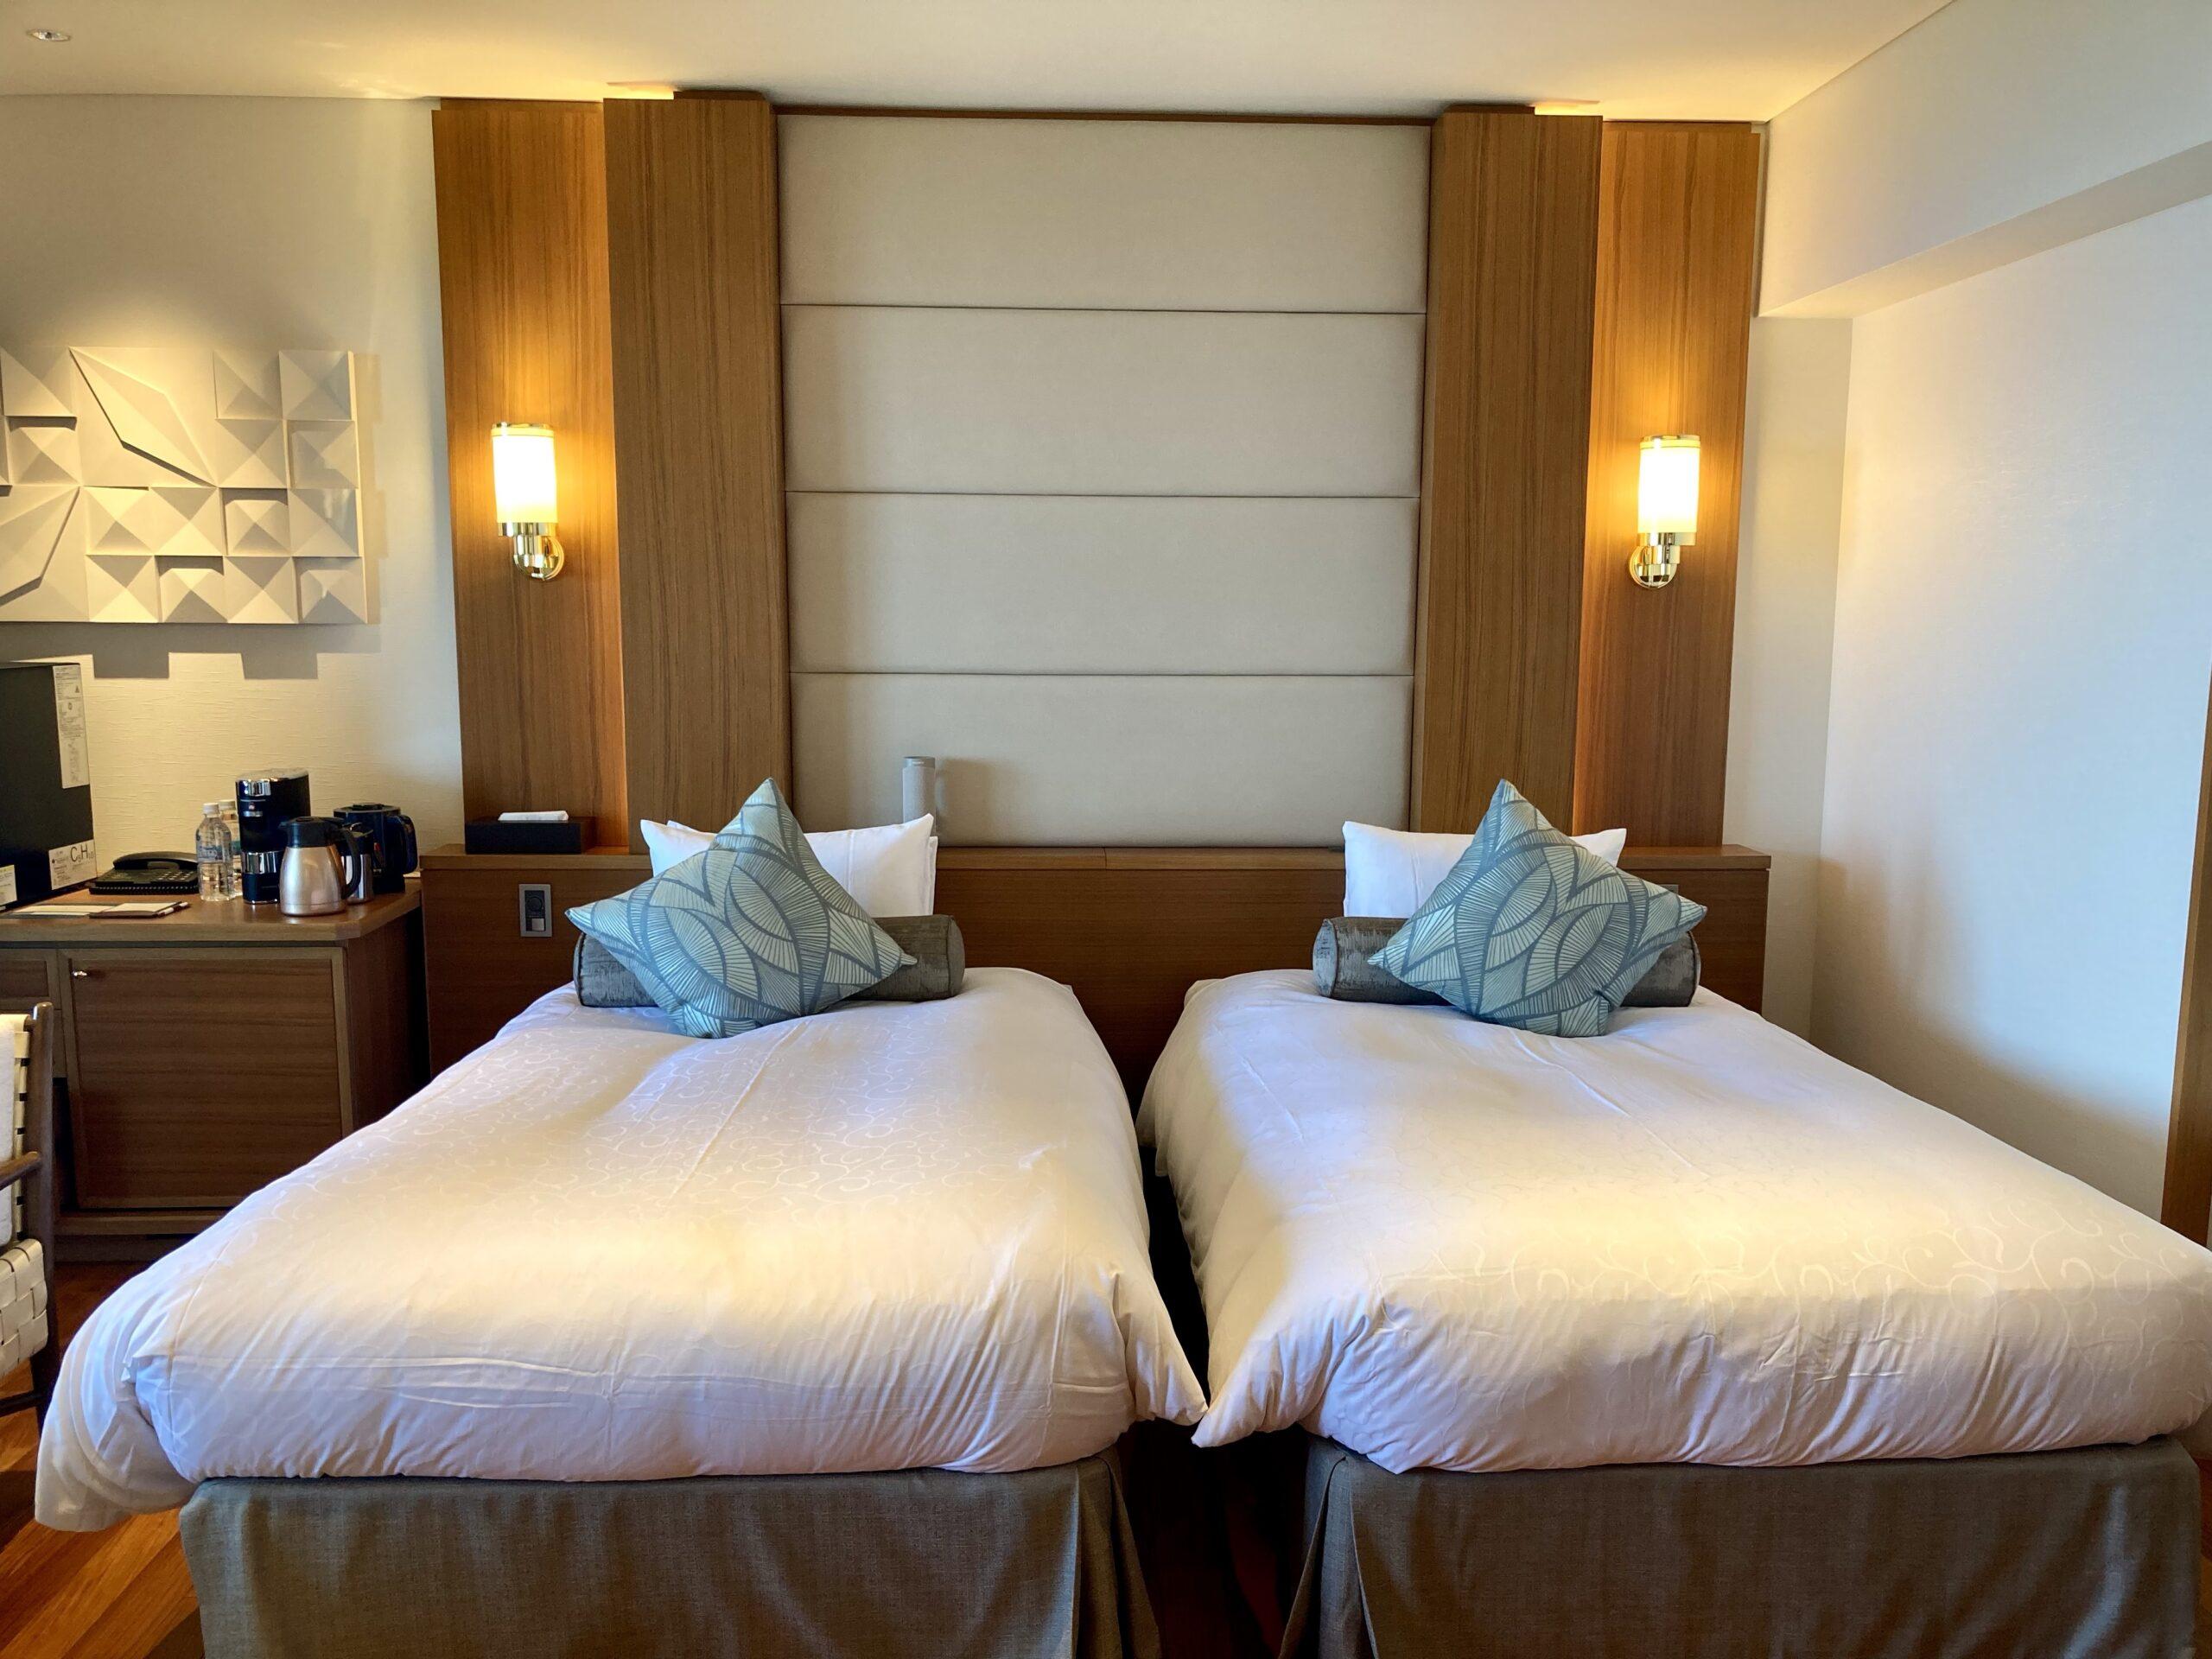 「伊豆ホテルリゾート&スパ」客室の様子